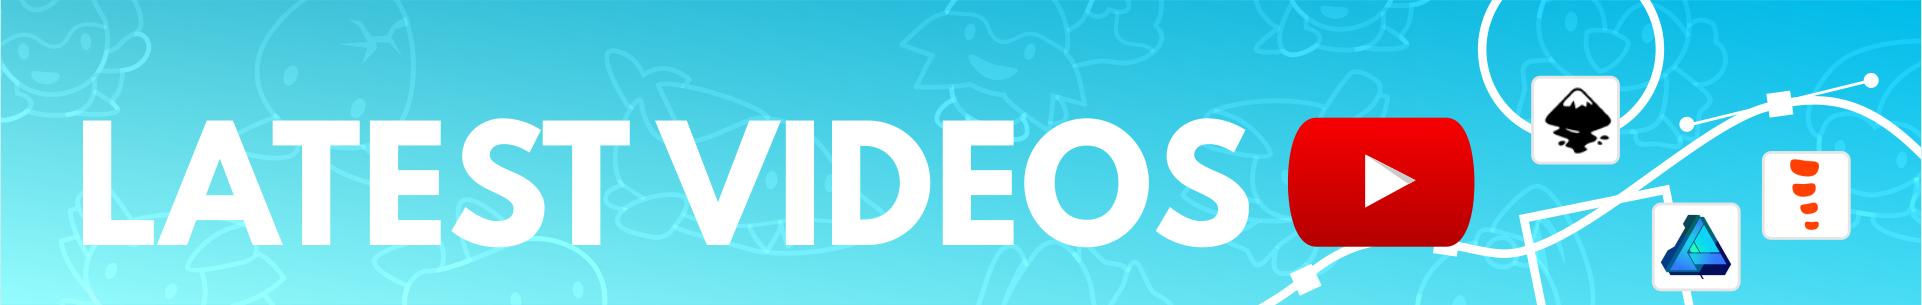 2dgameartguru - header recent videos